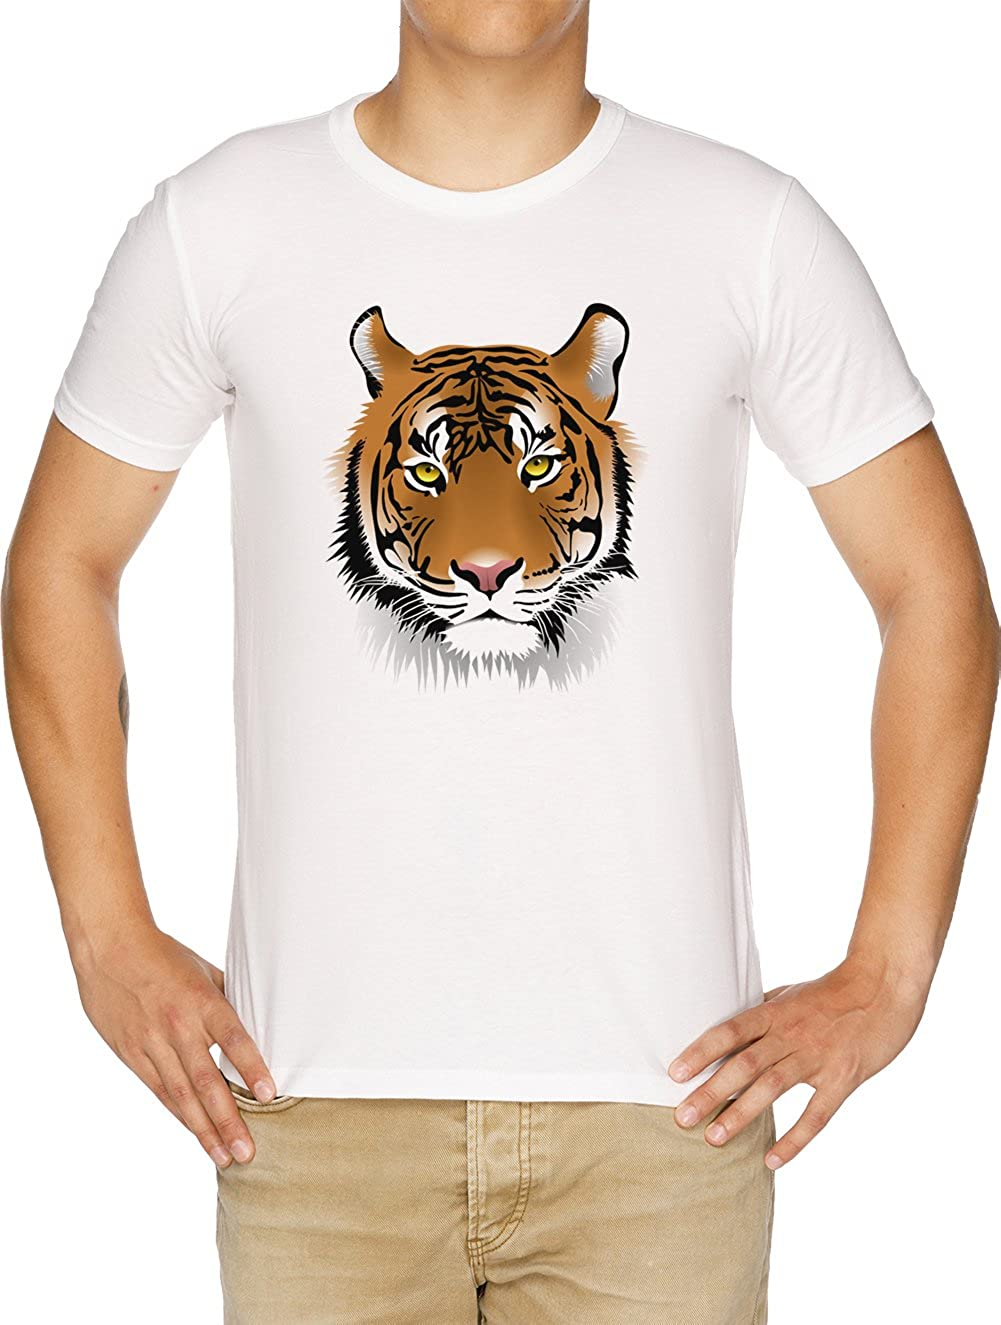 Tigre Cara Camiseta Hombre Blanco: Amazon.es: Ropa